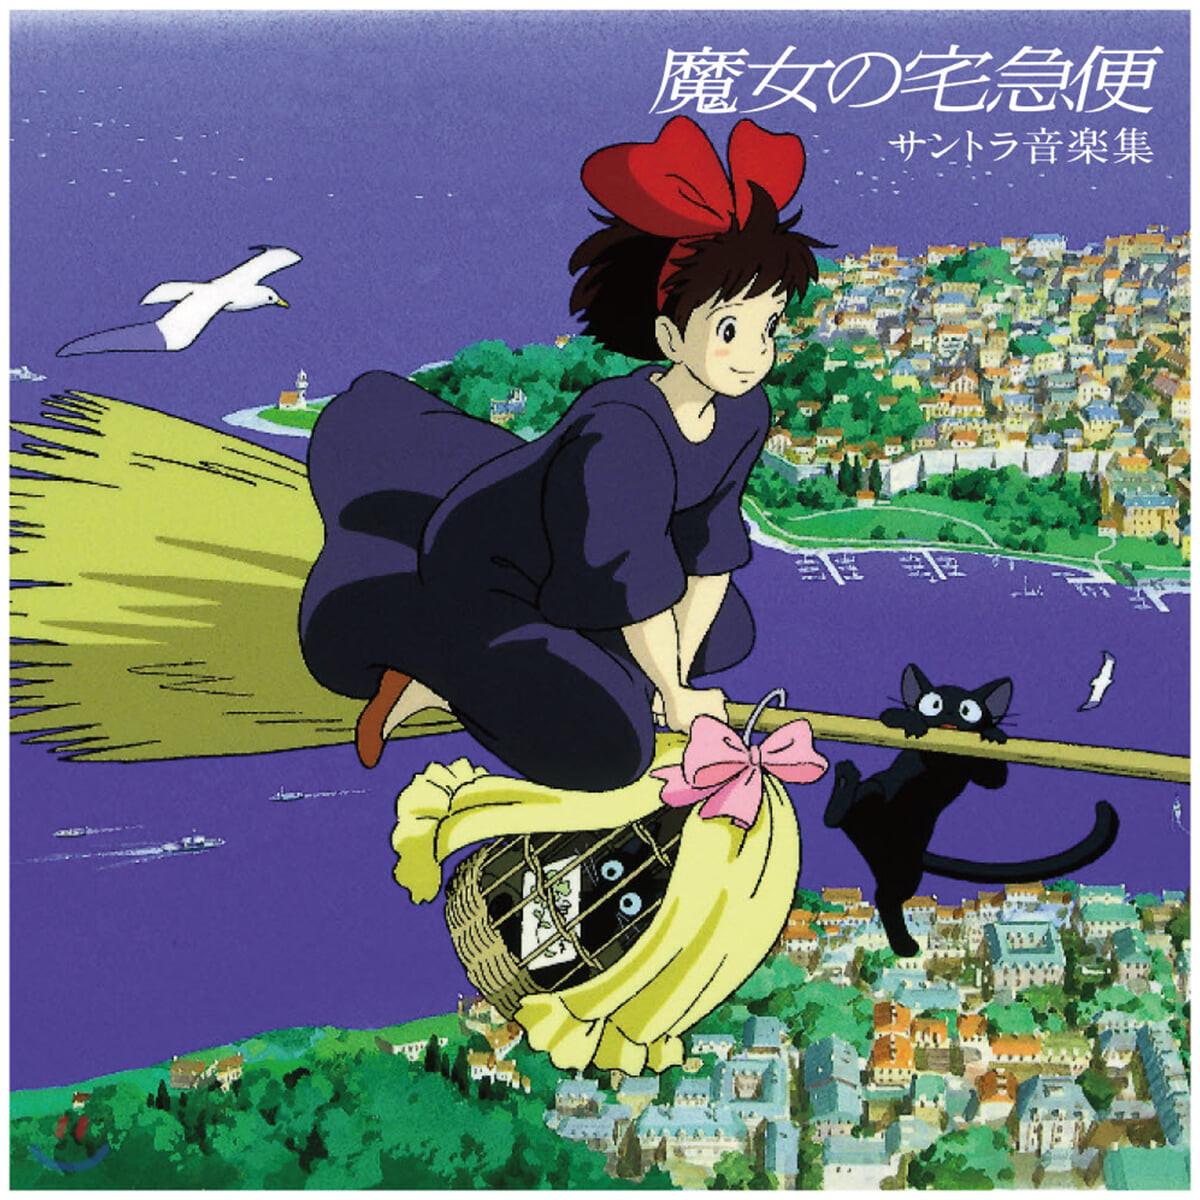 마녀 배달부 키키 사운드트랙 컬렉션 (Kiki's Delivery Service Soundtrack Collection by Joe Hisaishi 히사이시 조) [LP]